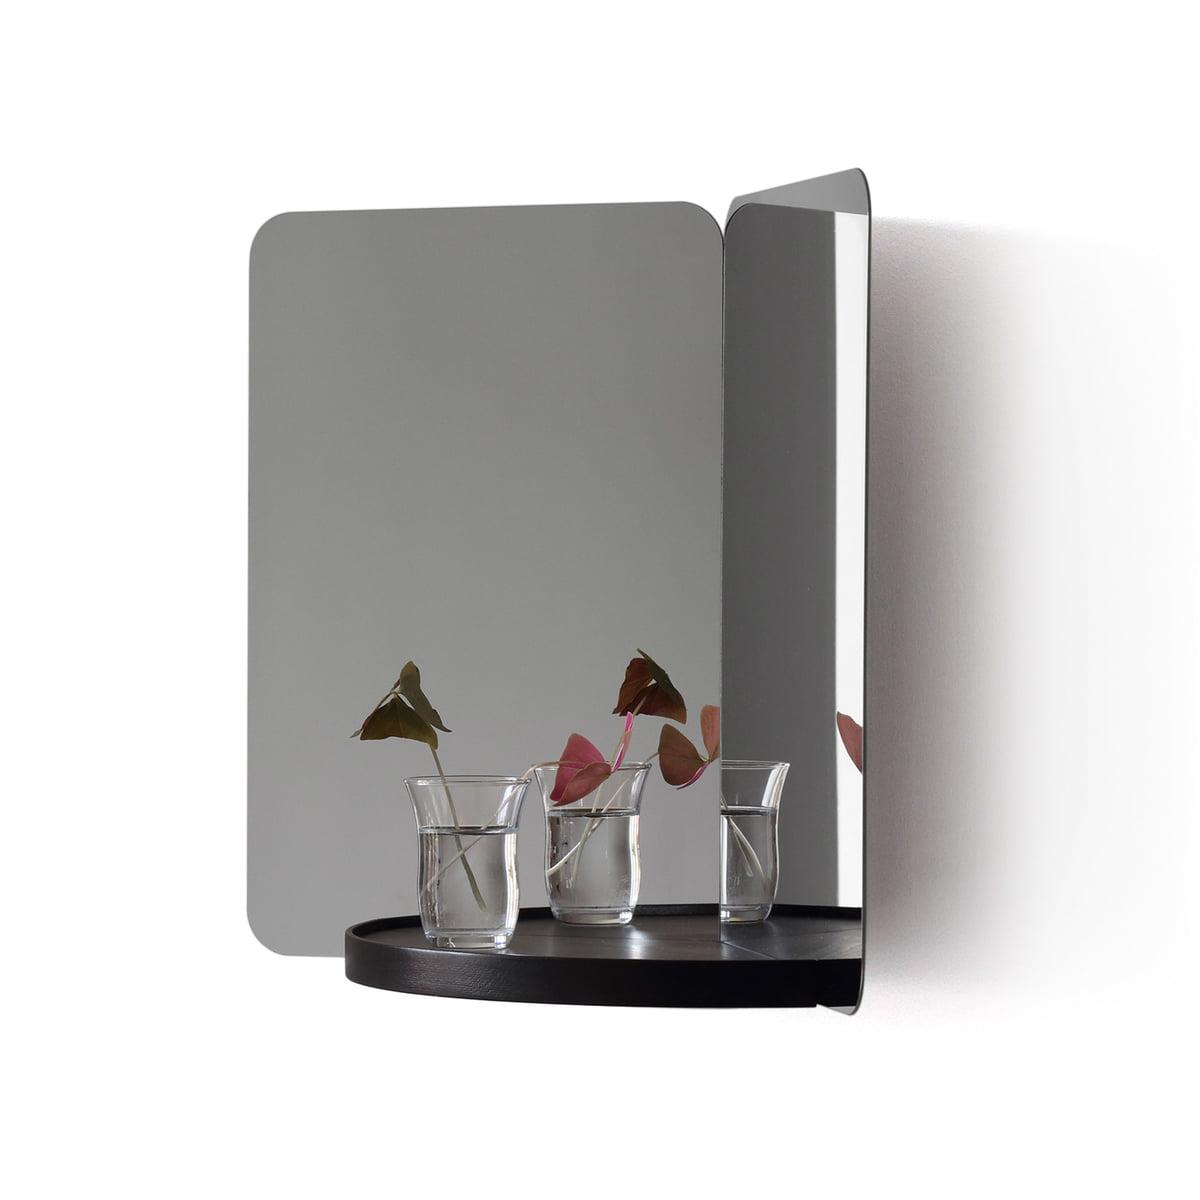 124 spiegel von artek connox shop kaufen. Black Bedroom Furniture Sets. Home Design Ideas